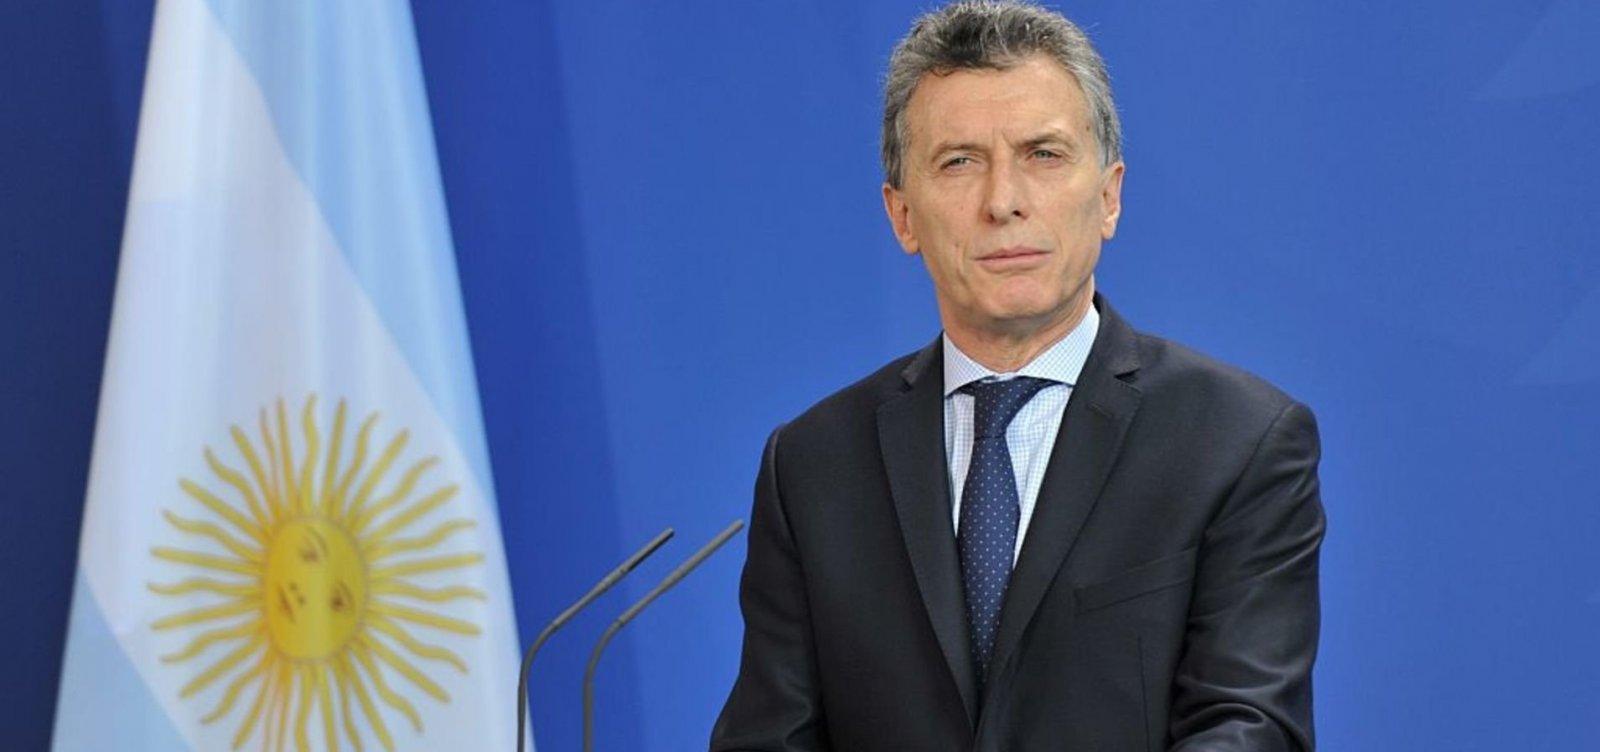 Pesquisas indicam que Macri perdeu até 20% de aprovação na Argentina